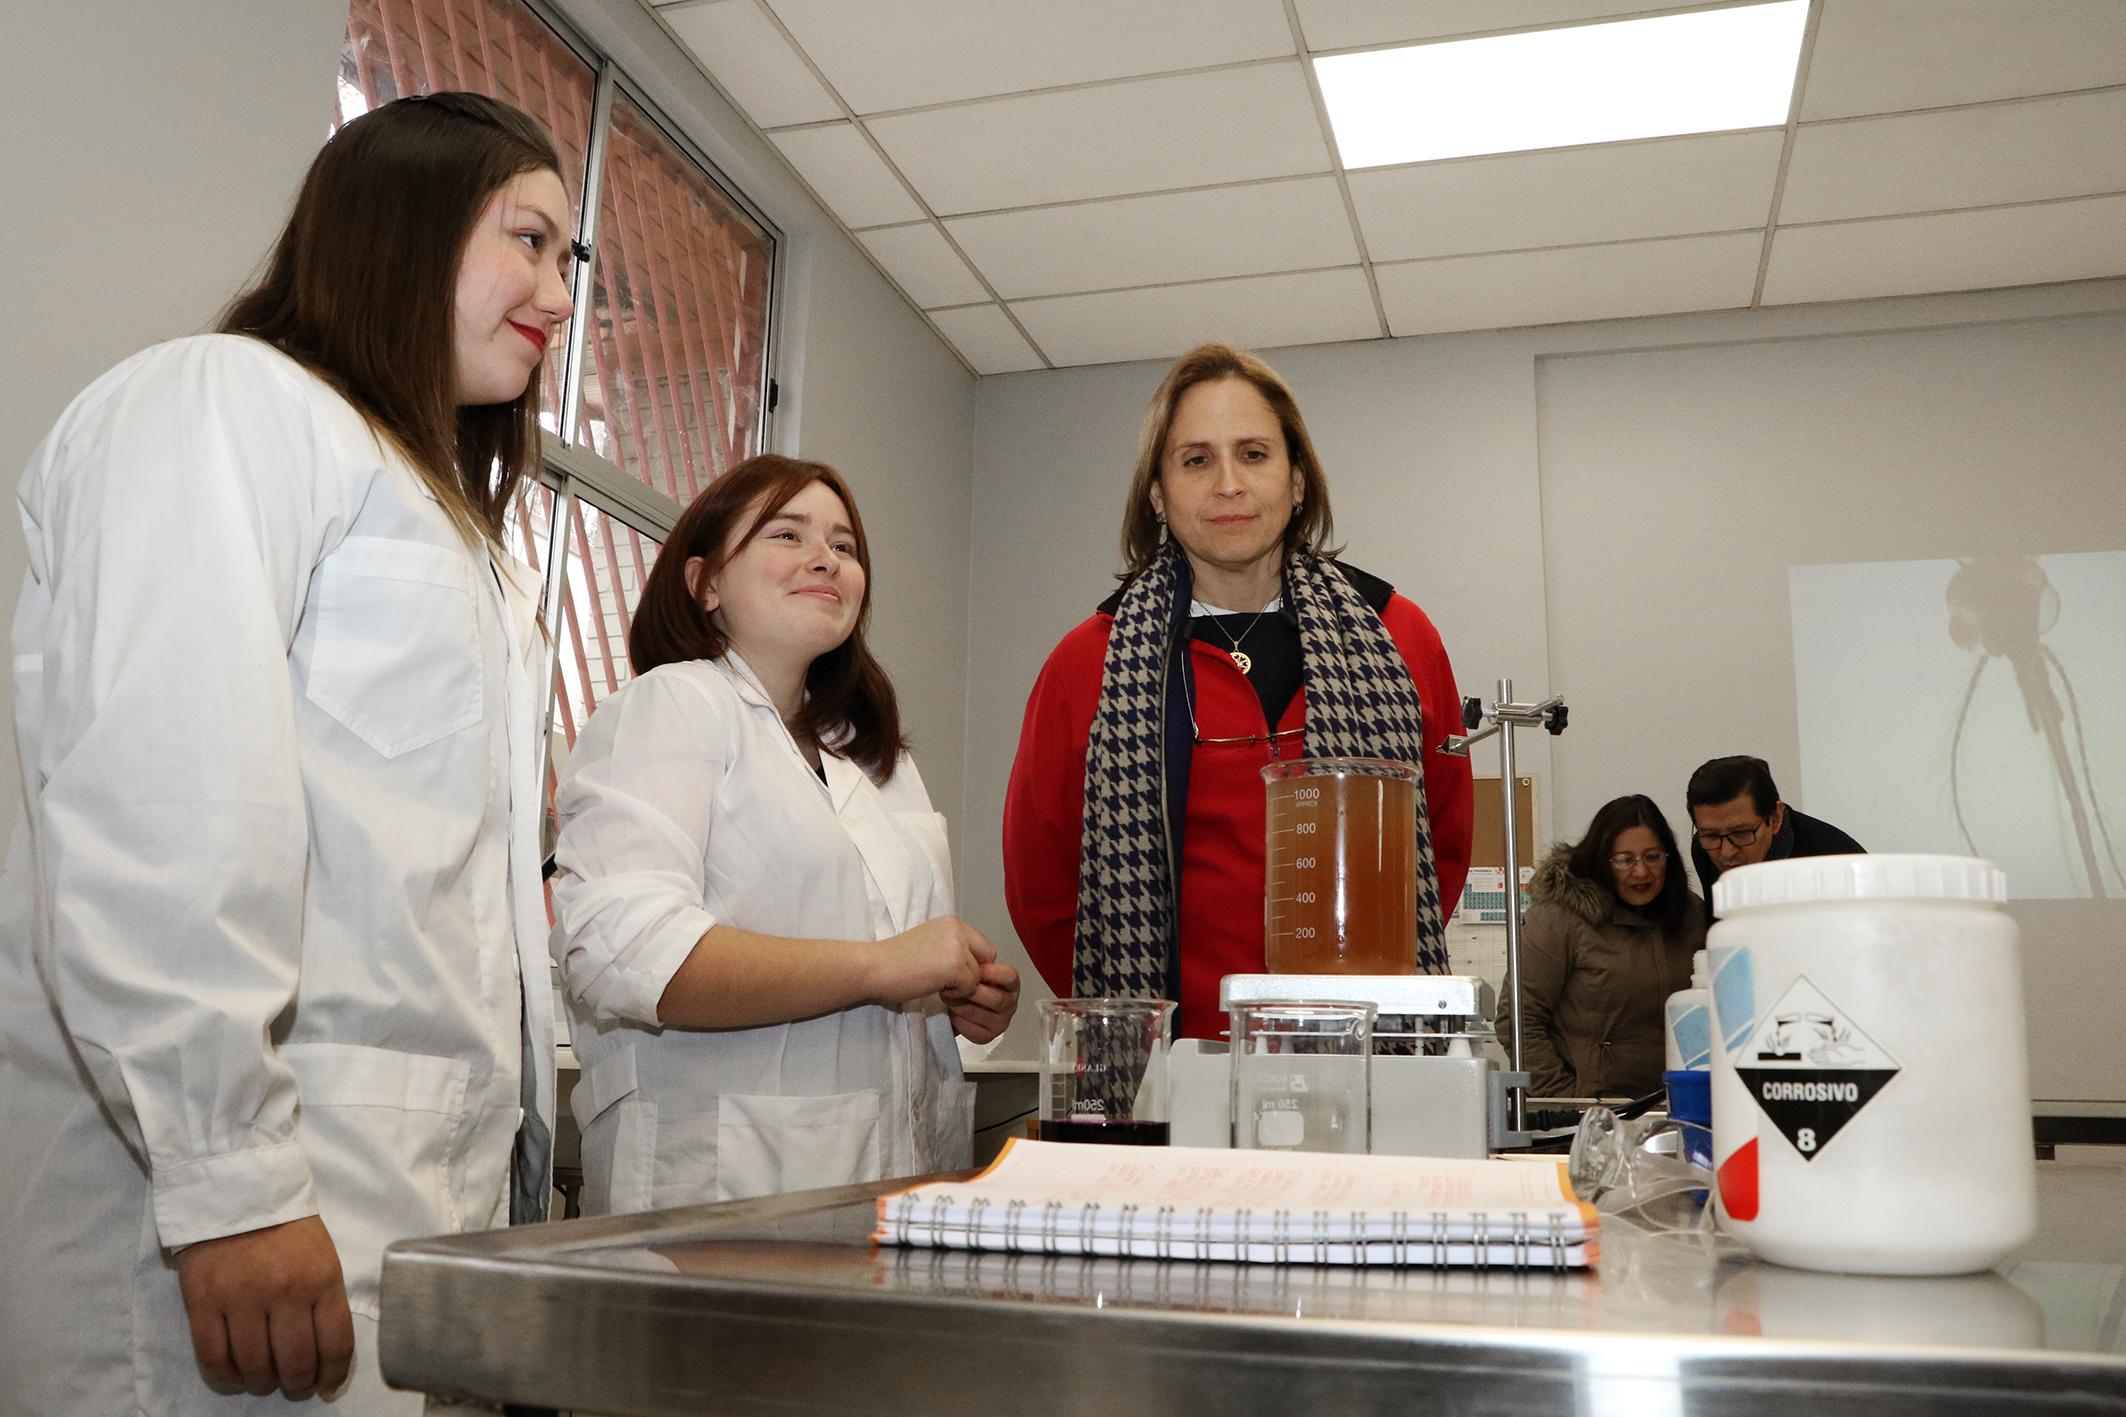 Laboratorio-de-Ciencias-Liceo-Antonio-Hermida-Fabres-19